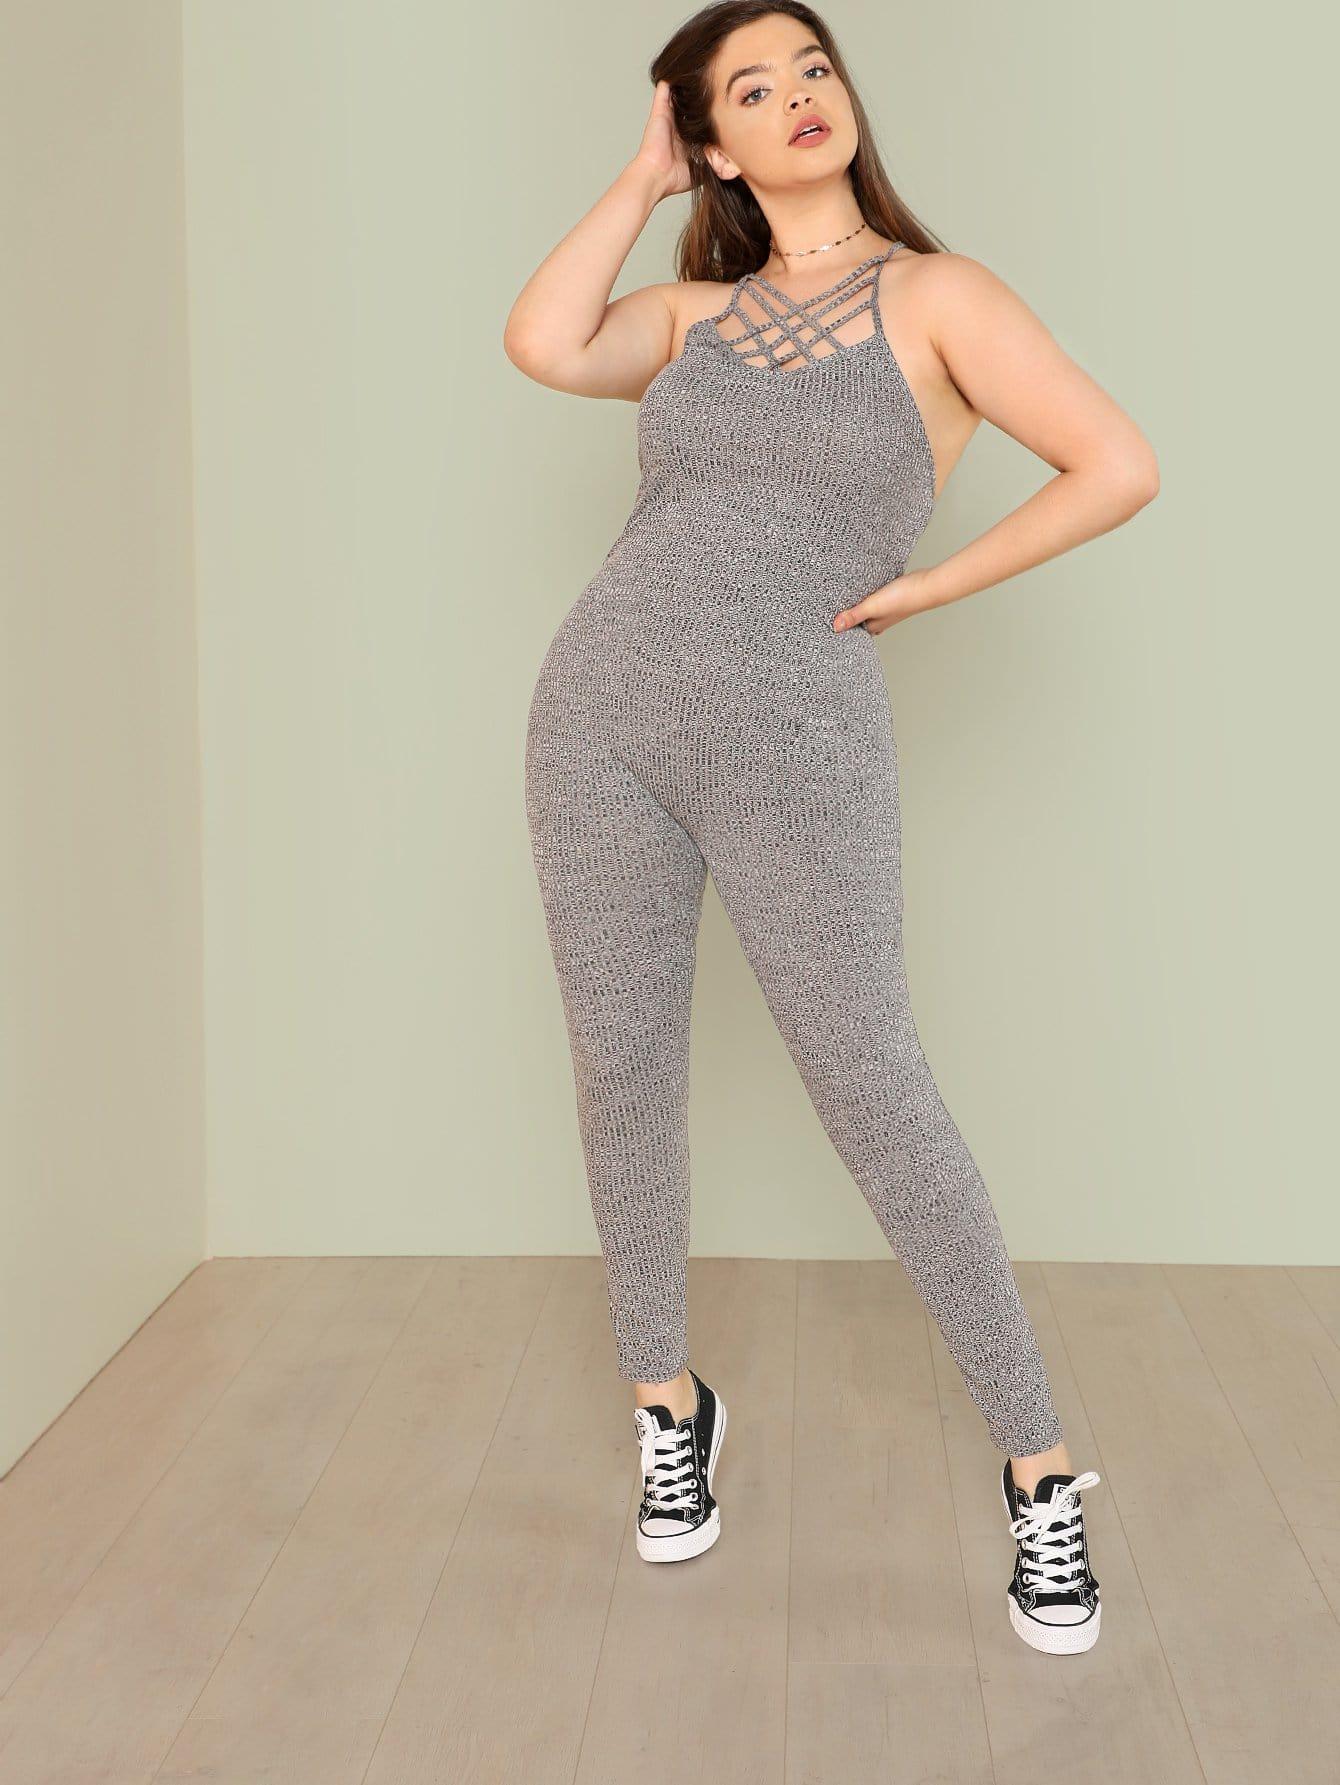 Caged Neck Skinny Solid Jumpsuit velvet skinny jumpsuit